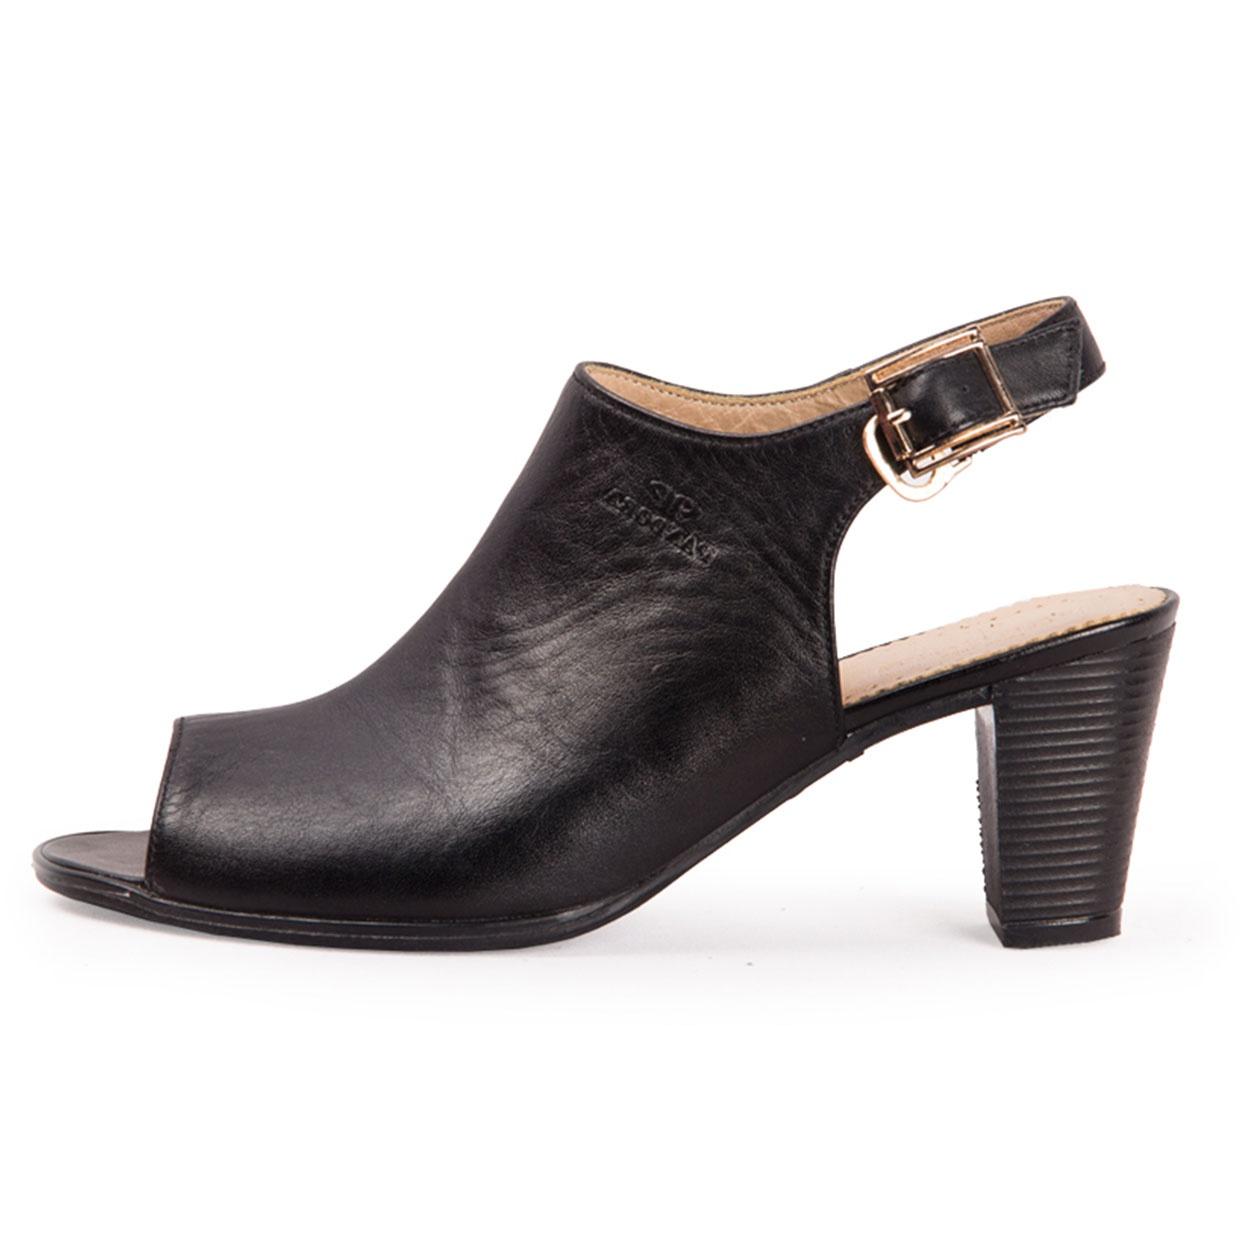 کفش زنانه چرم طبیعی پاندورا مدل w1361 مشکی